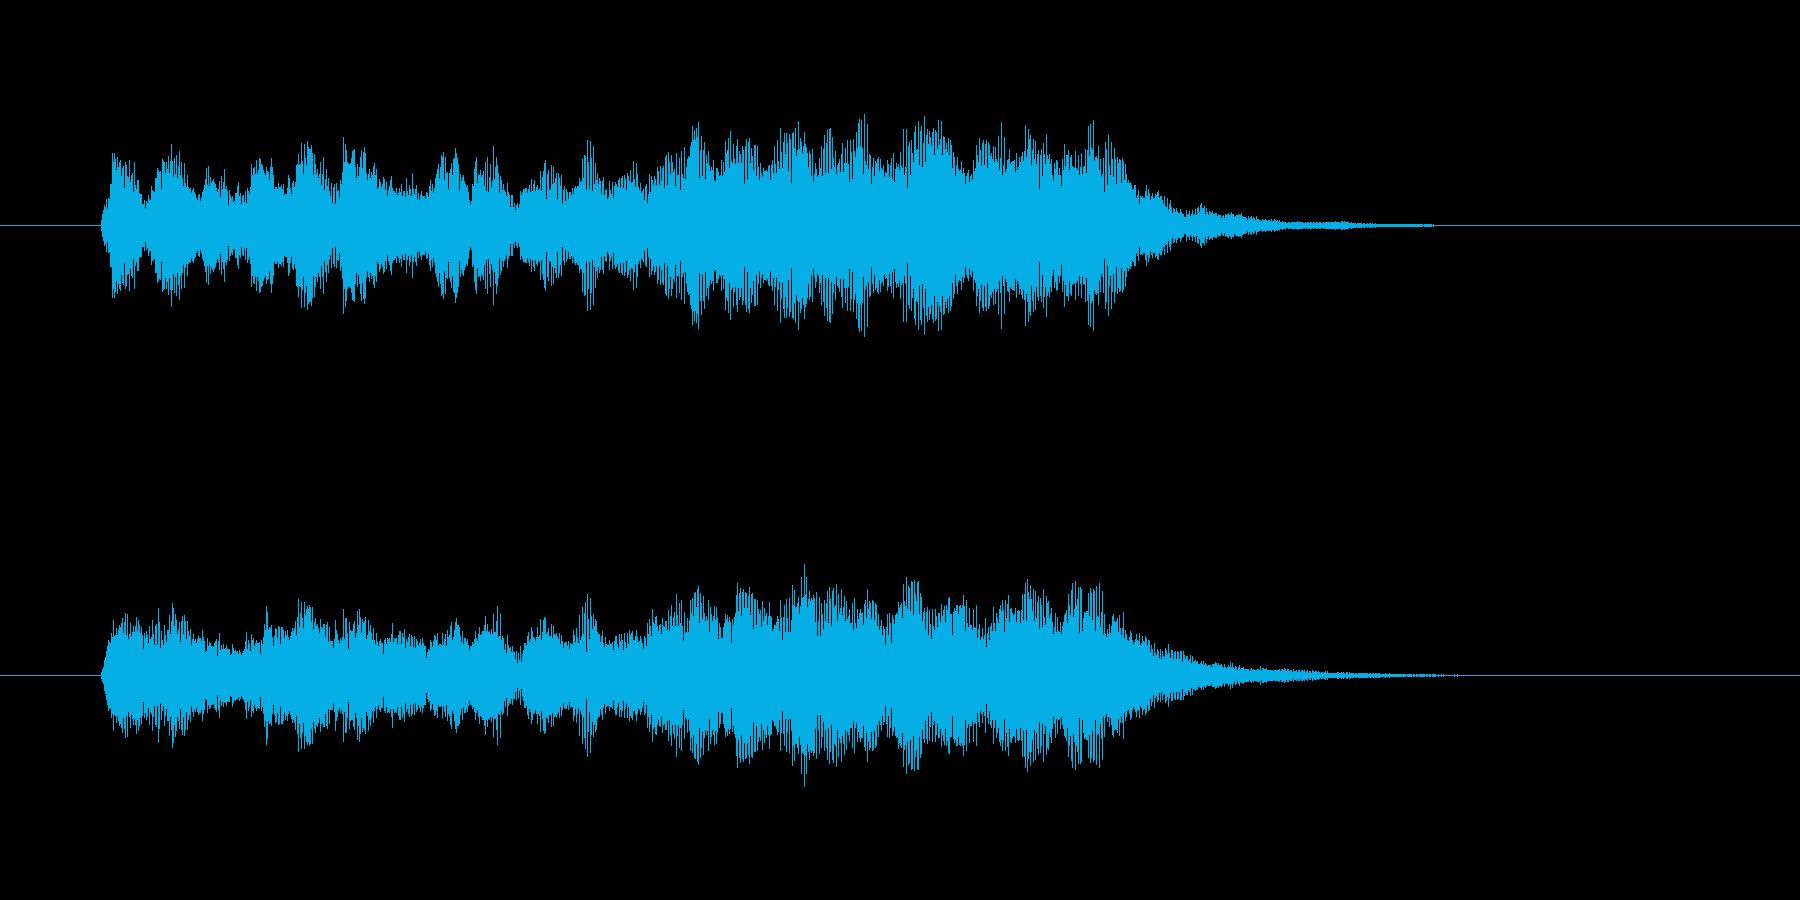 軽やかで美しいシンセオルガンサウンドの再生済みの波形